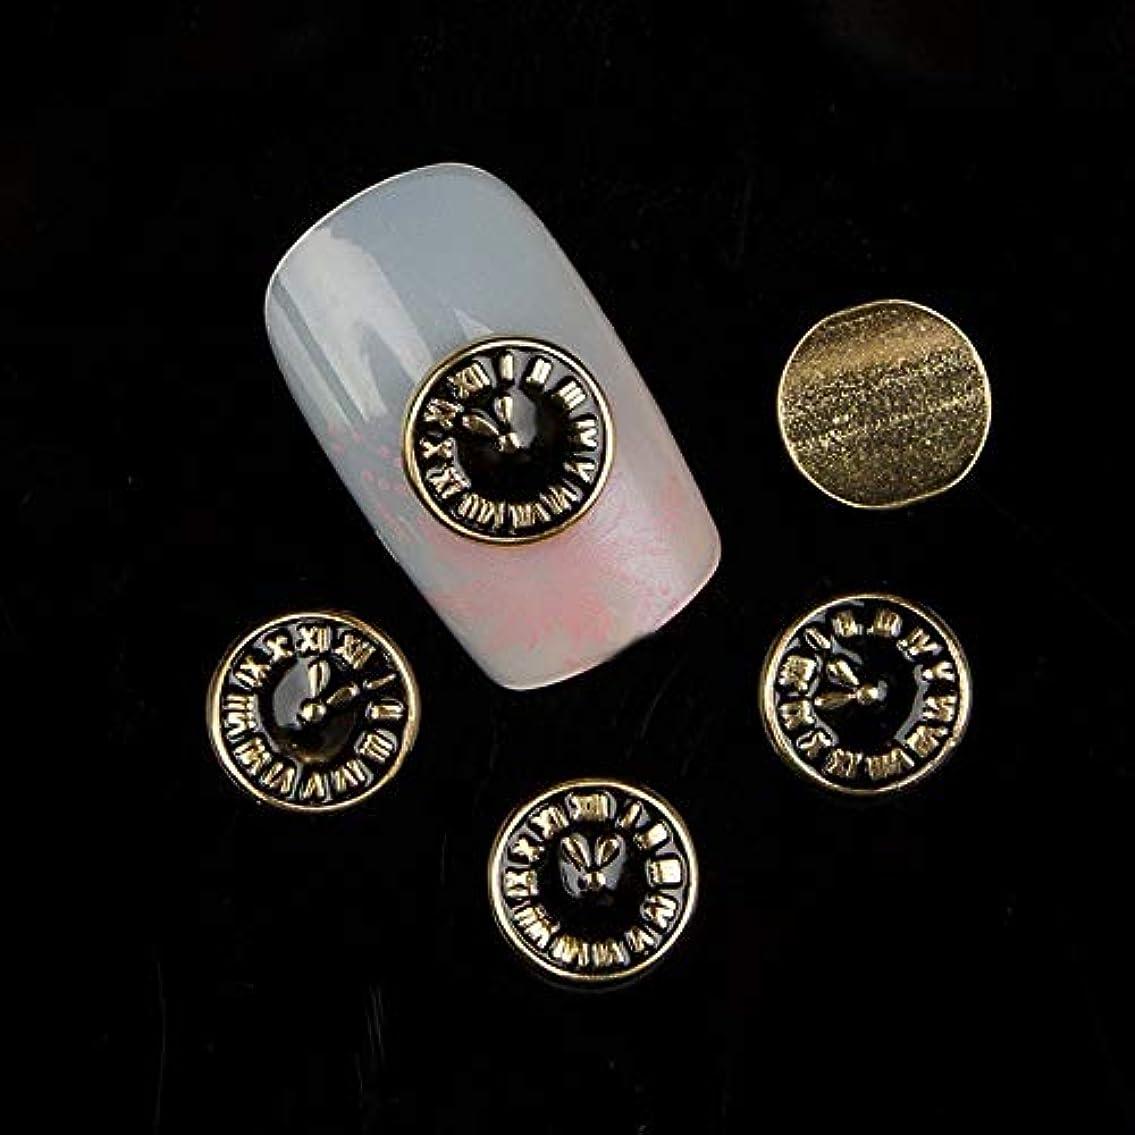 多様体付与力強い10個入り/ロットゴールドブラックネイル合金スタッド3Dメタル時計ネイルアートの装飾マニキュアデザイン